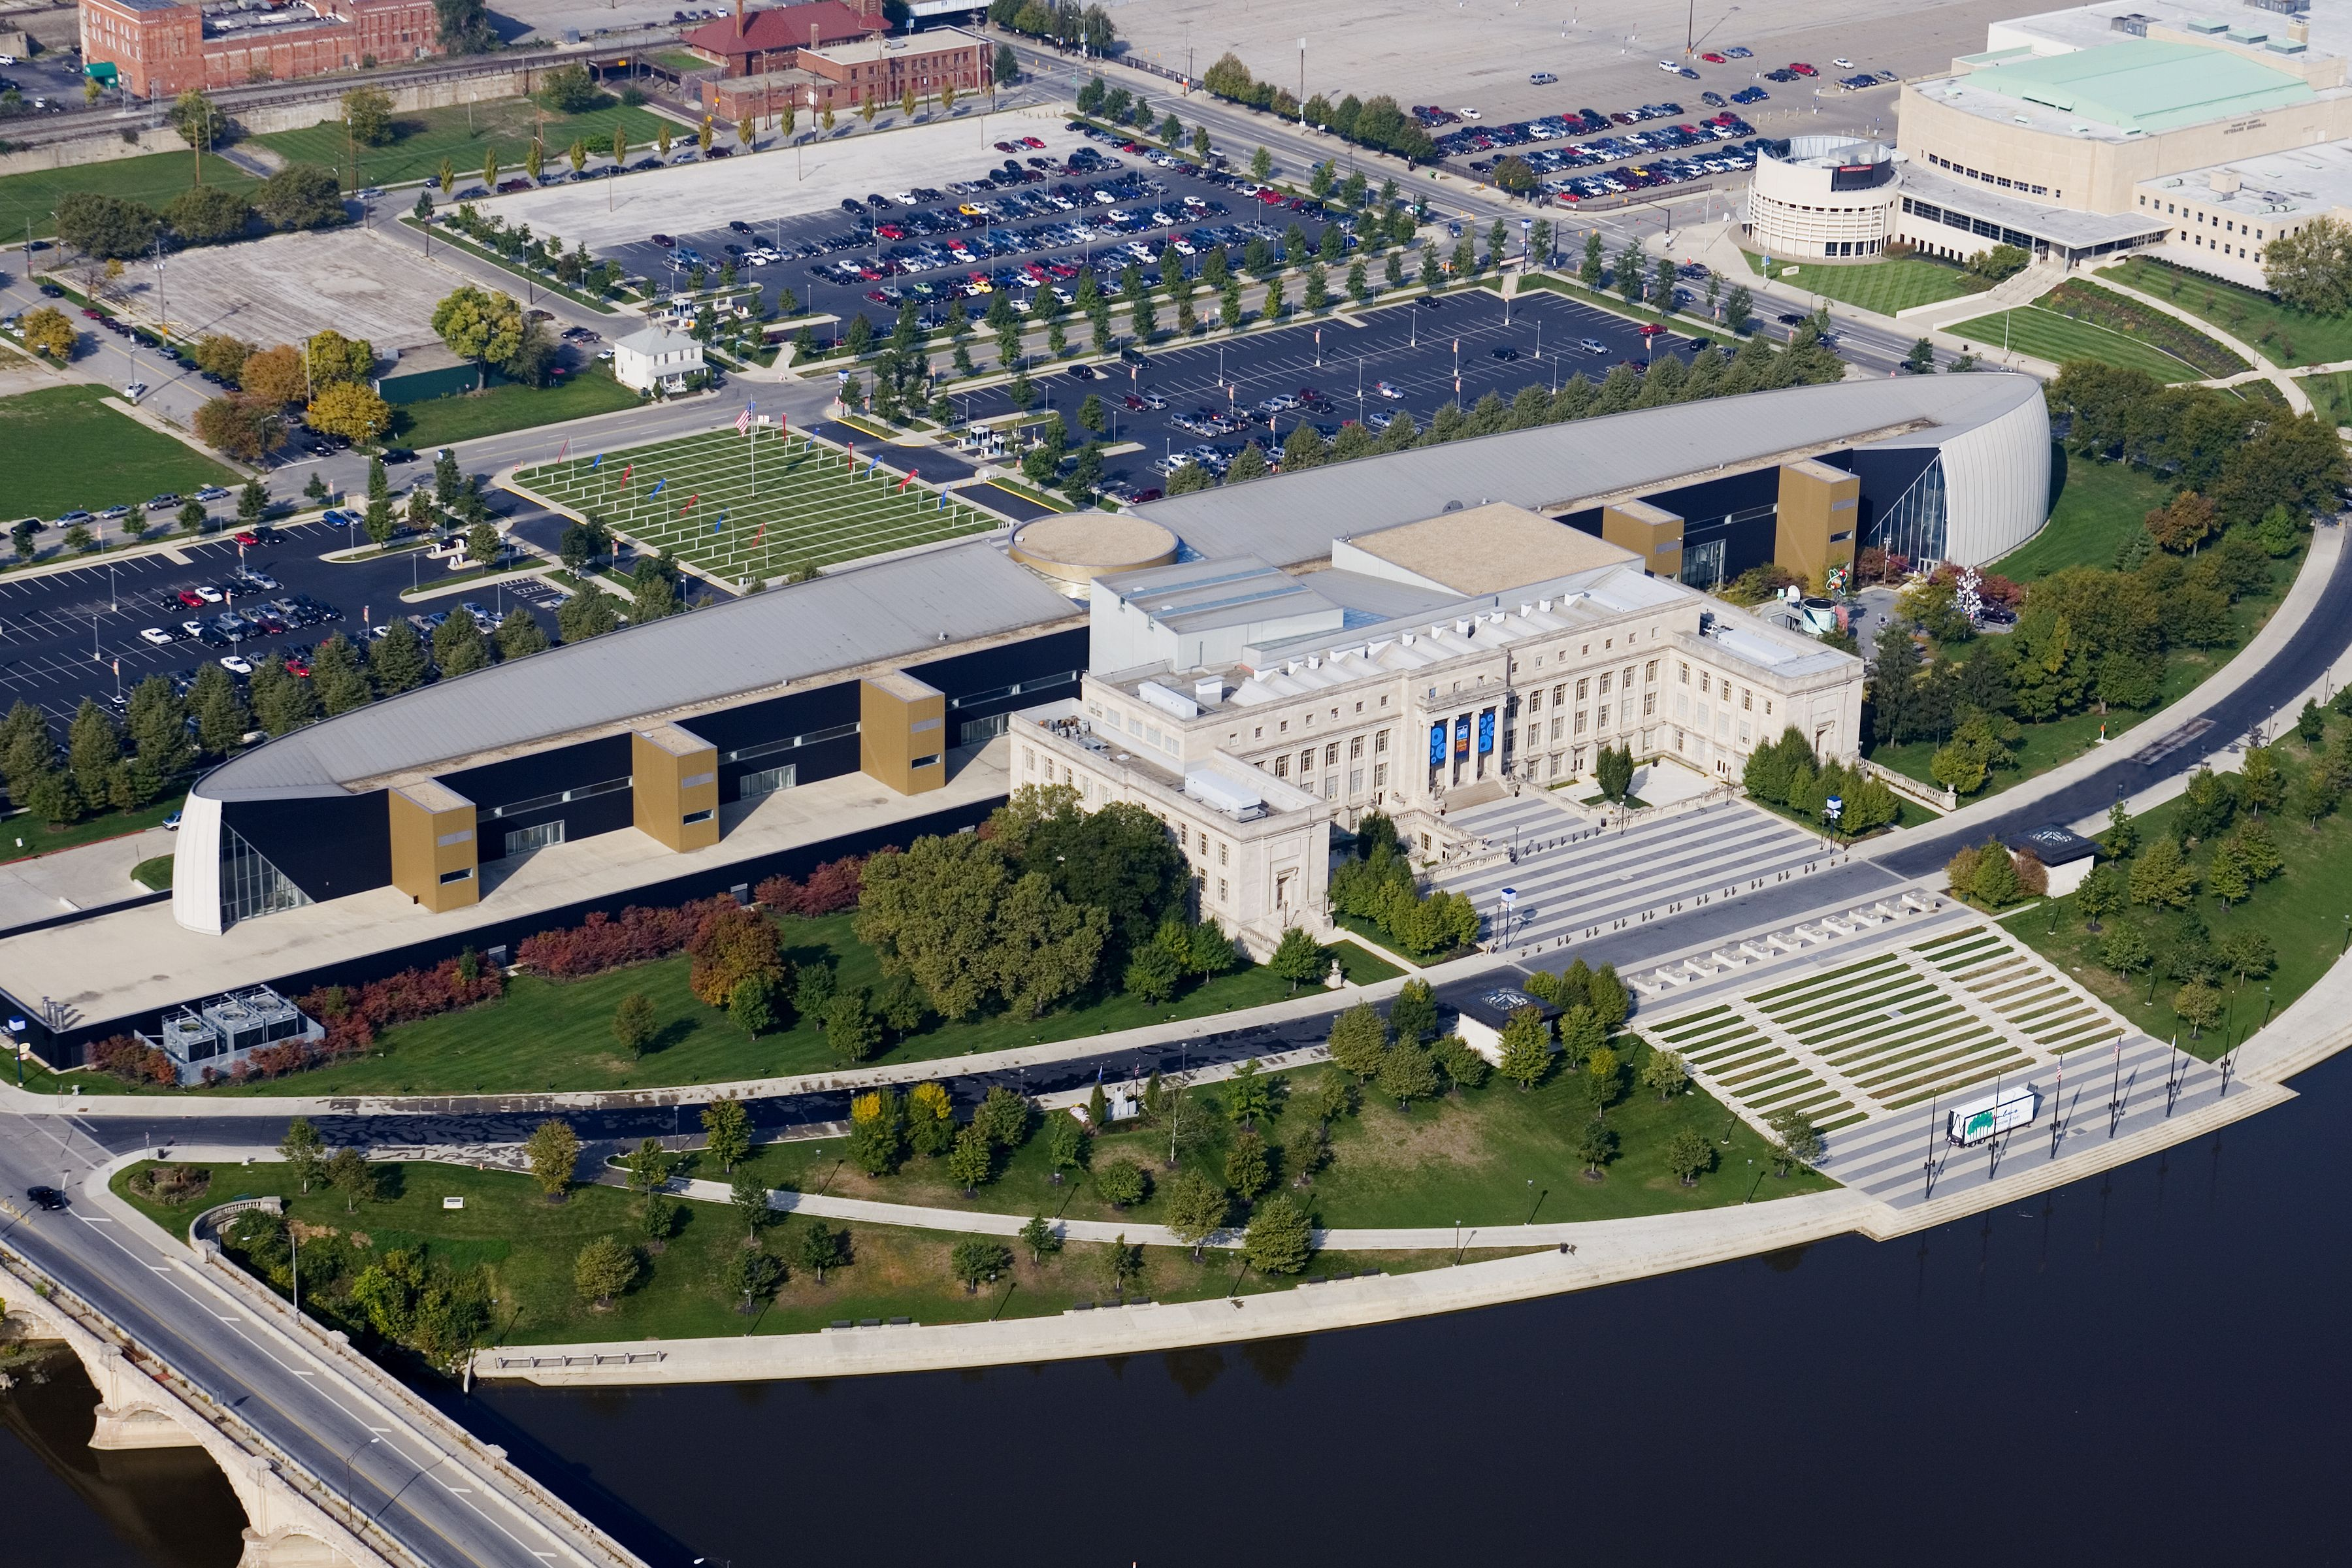 Cosi Central High School Columbus Ohio Columbus Ohio Ohio History Architecture